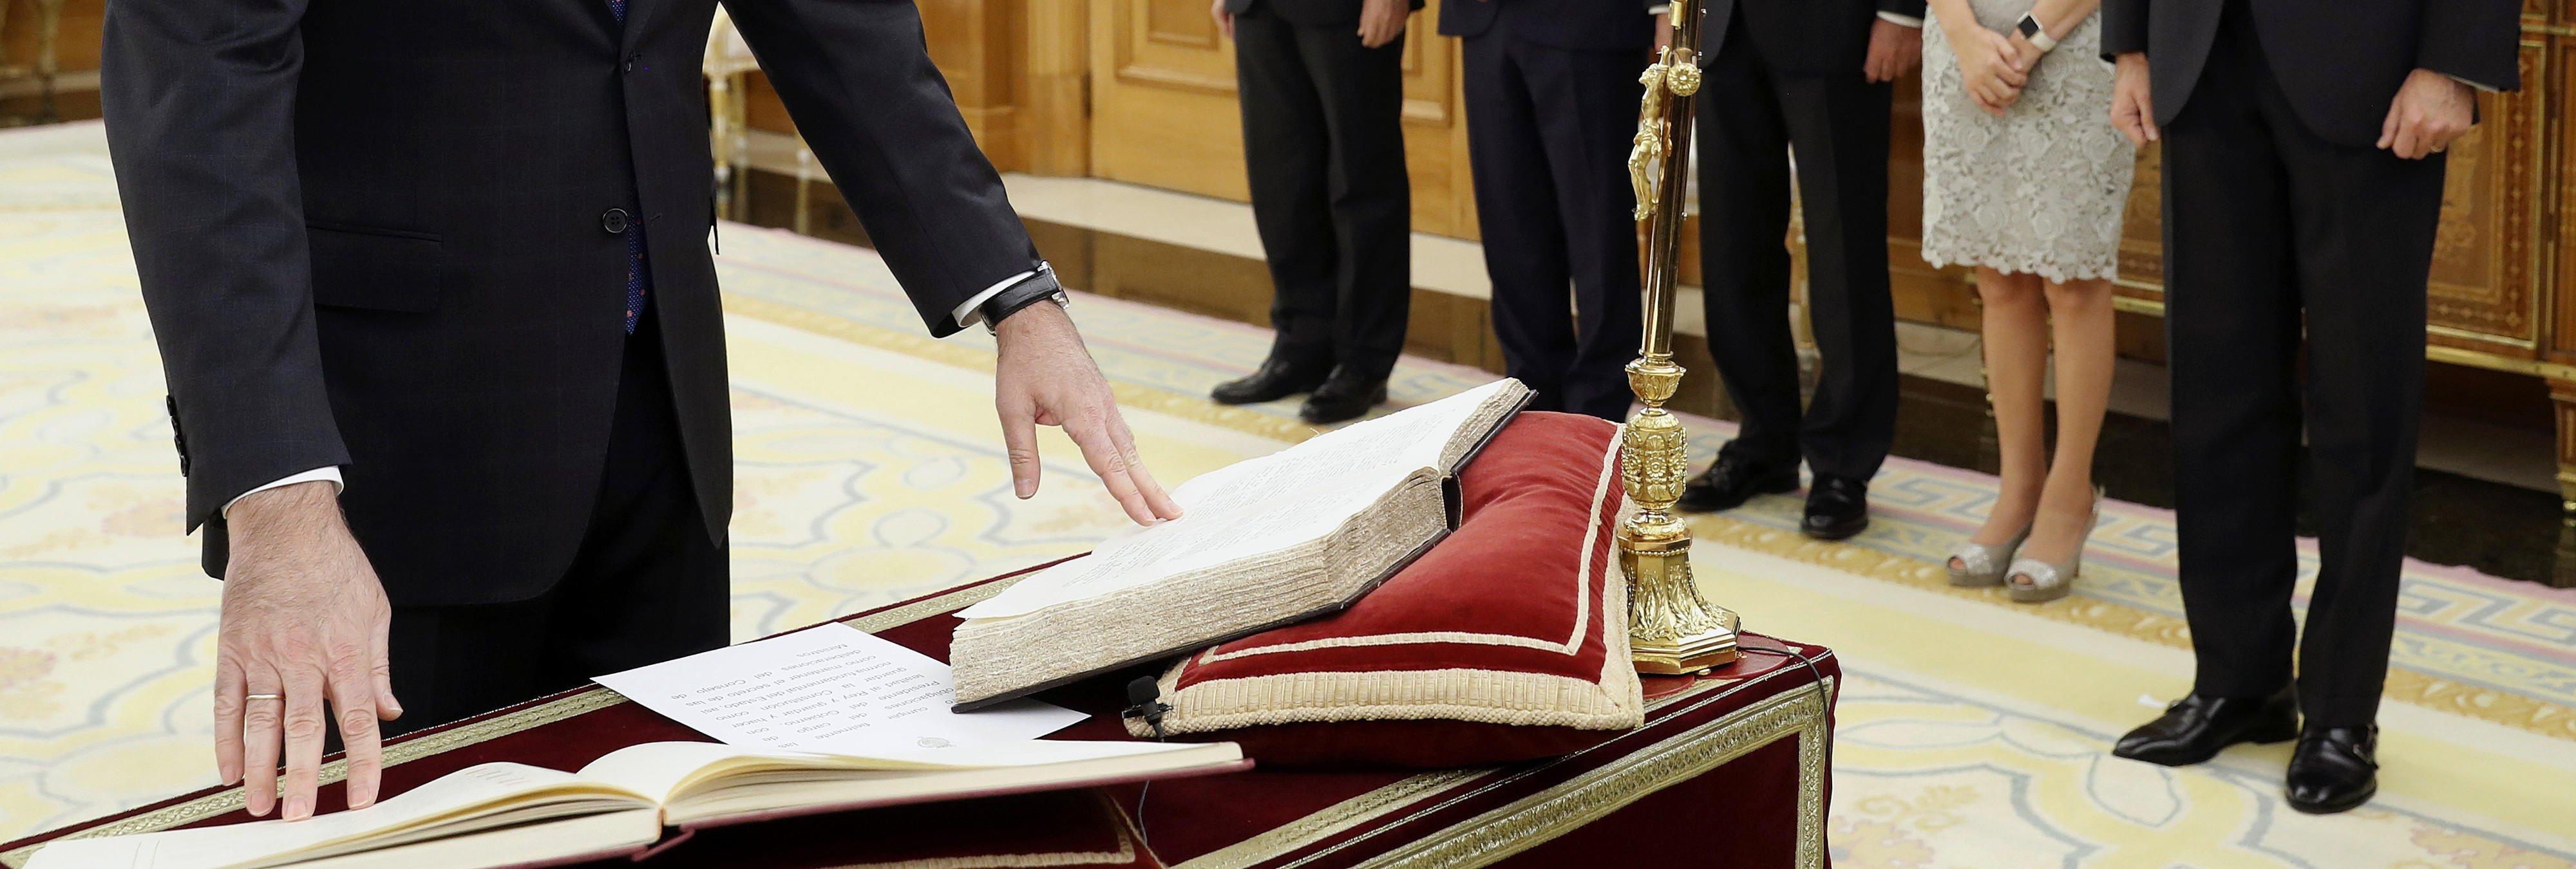 Protocolo en la jura de posesión de ministros: la polémica del crucifijo y la Biblia